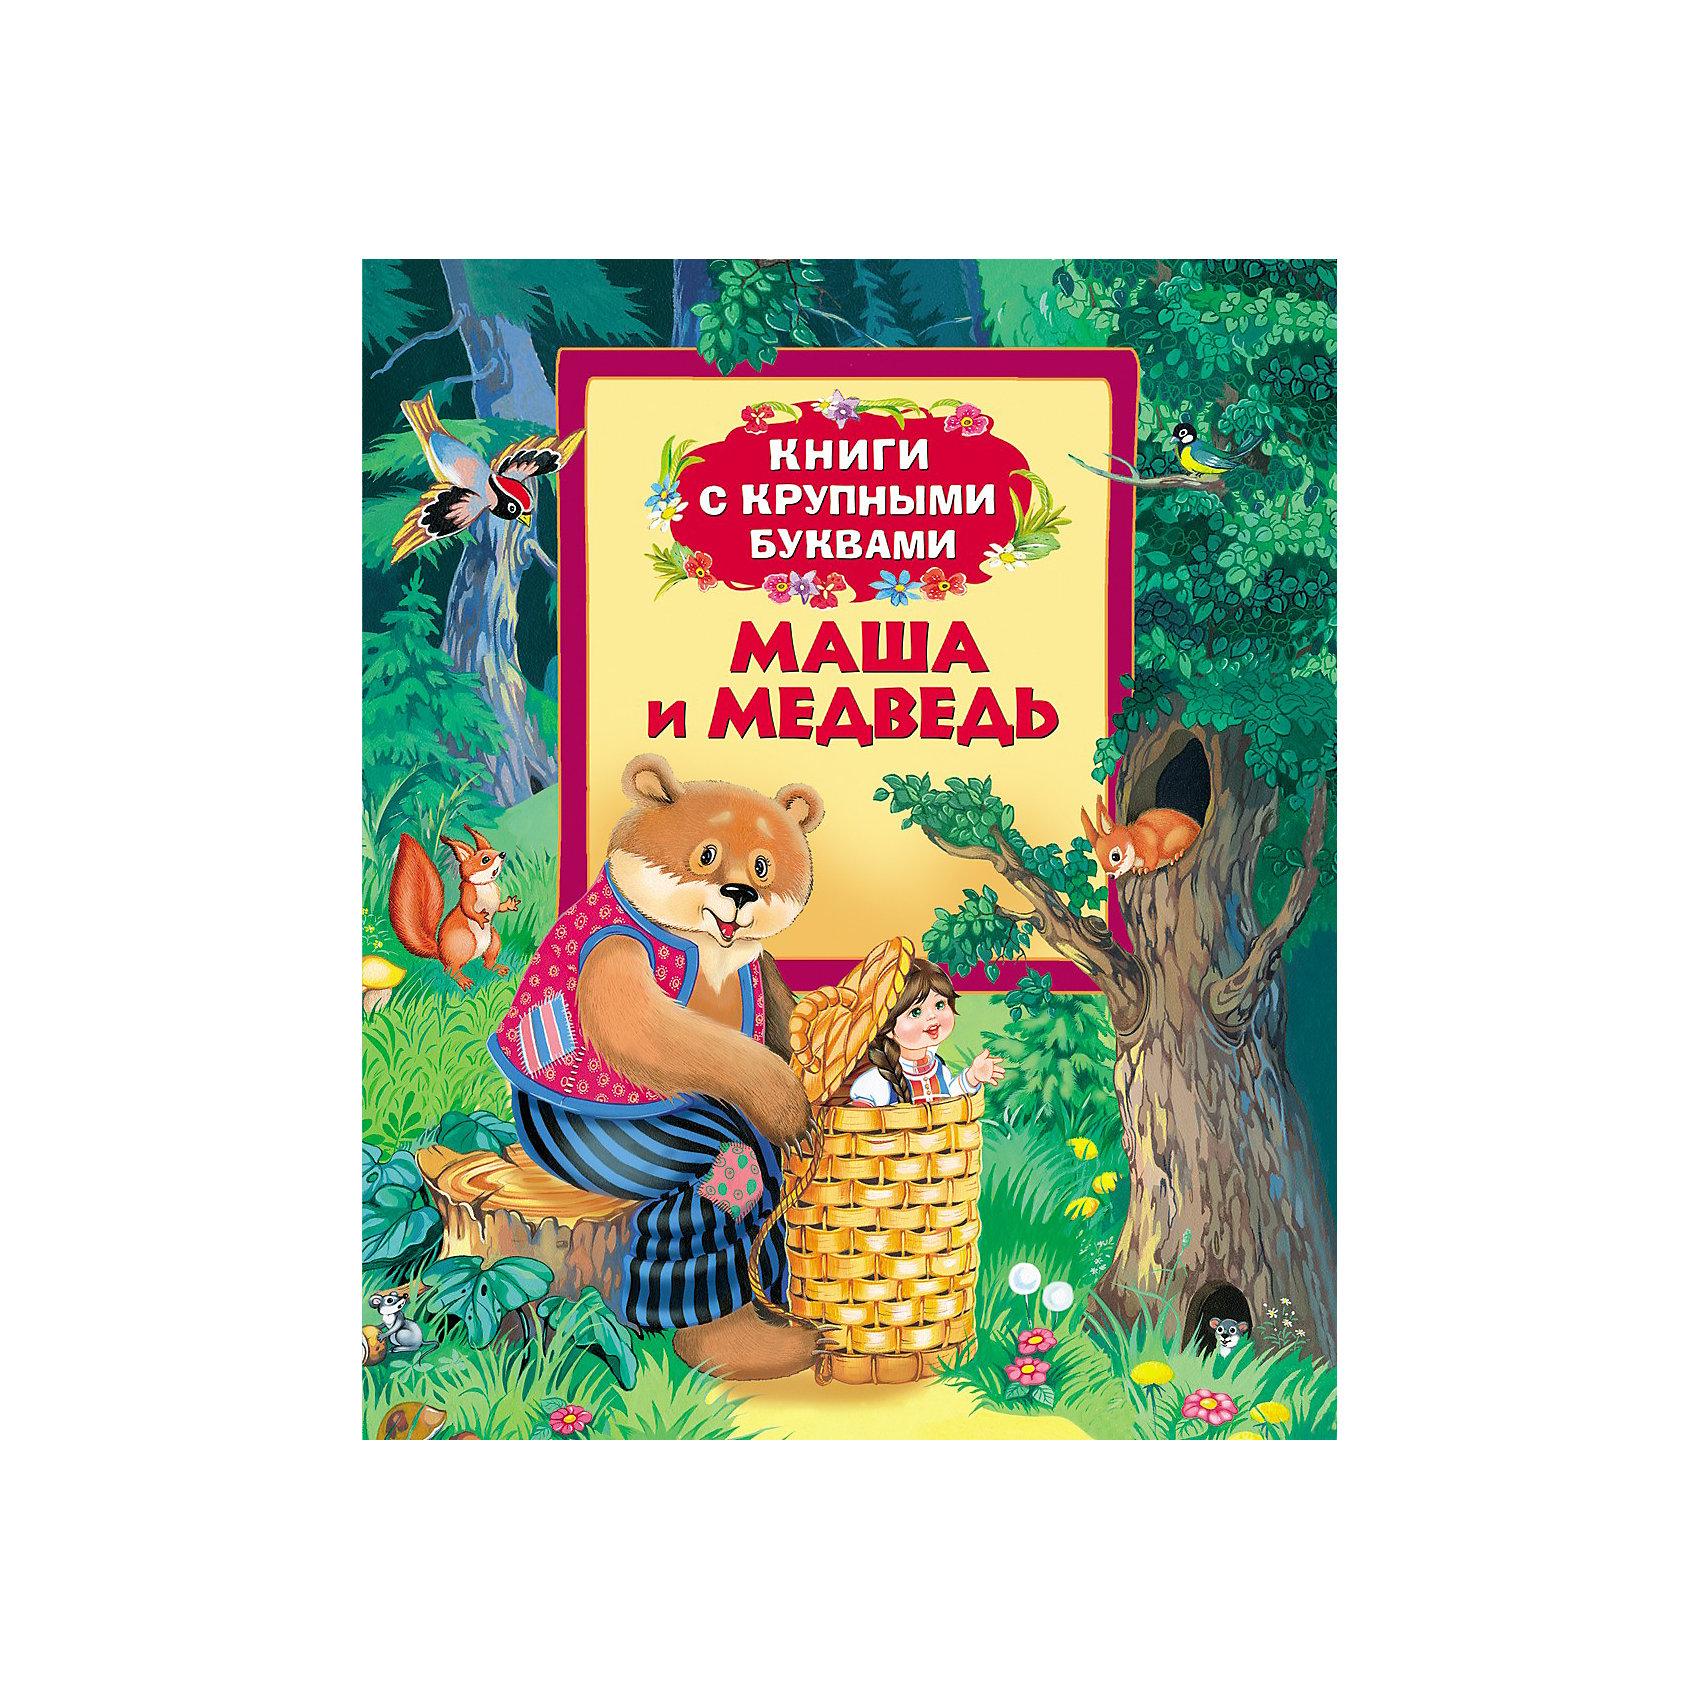 Книга с крупными буквами Маша и медведьМаша и медведь, серия Книги с крупными буквами, Росмэн – эта книжка с крупными буквами, предназначена для самостоятельного чтения детьми.<br>Крупный шрифт и знакомые ребенку произведения, рекомендованные для первого чтения, научат малыша легко и быстро складывать слоги в слова, составлять предложения и понимать прочитанное. А большие красочные жизнерадостные иллюстрации на каждой странице помогут ребенку лучше понять текст и вызовут желание дочитать книжку до конца. Читая страницу за страницей, ребенок познакомится с сюжетом сказок и научится лучше читать. В сборник вошли самые известные русские сказки. Книга представлена сказками: Маша и медведь, Коза-дереза. Тексты сказок даны в классической обработке М. Булатова, О. Капицы. Иллюстрации Д. Лемко.<br><br>Дополнительная информация:<br><br>- Тип переплета (обложка): твердая<br>- Размер: 198 x 235 мм.<br>- Количество страниц: 32<br>- Иллюстрации: цветные<br><br>Книгу «Маша и медведь», серия Книги с крупными буквами, Росмэн можно купить в нашем интернет-магазине.<br><br>Ширина мм: 240<br>Глубина мм: 205<br>Высота мм: 8<br>Вес г: 280<br>Возраст от месяцев: 36<br>Возраст до месяцев: 84<br>Пол: Унисекс<br>Возраст: Детский<br>SKU: 3633663